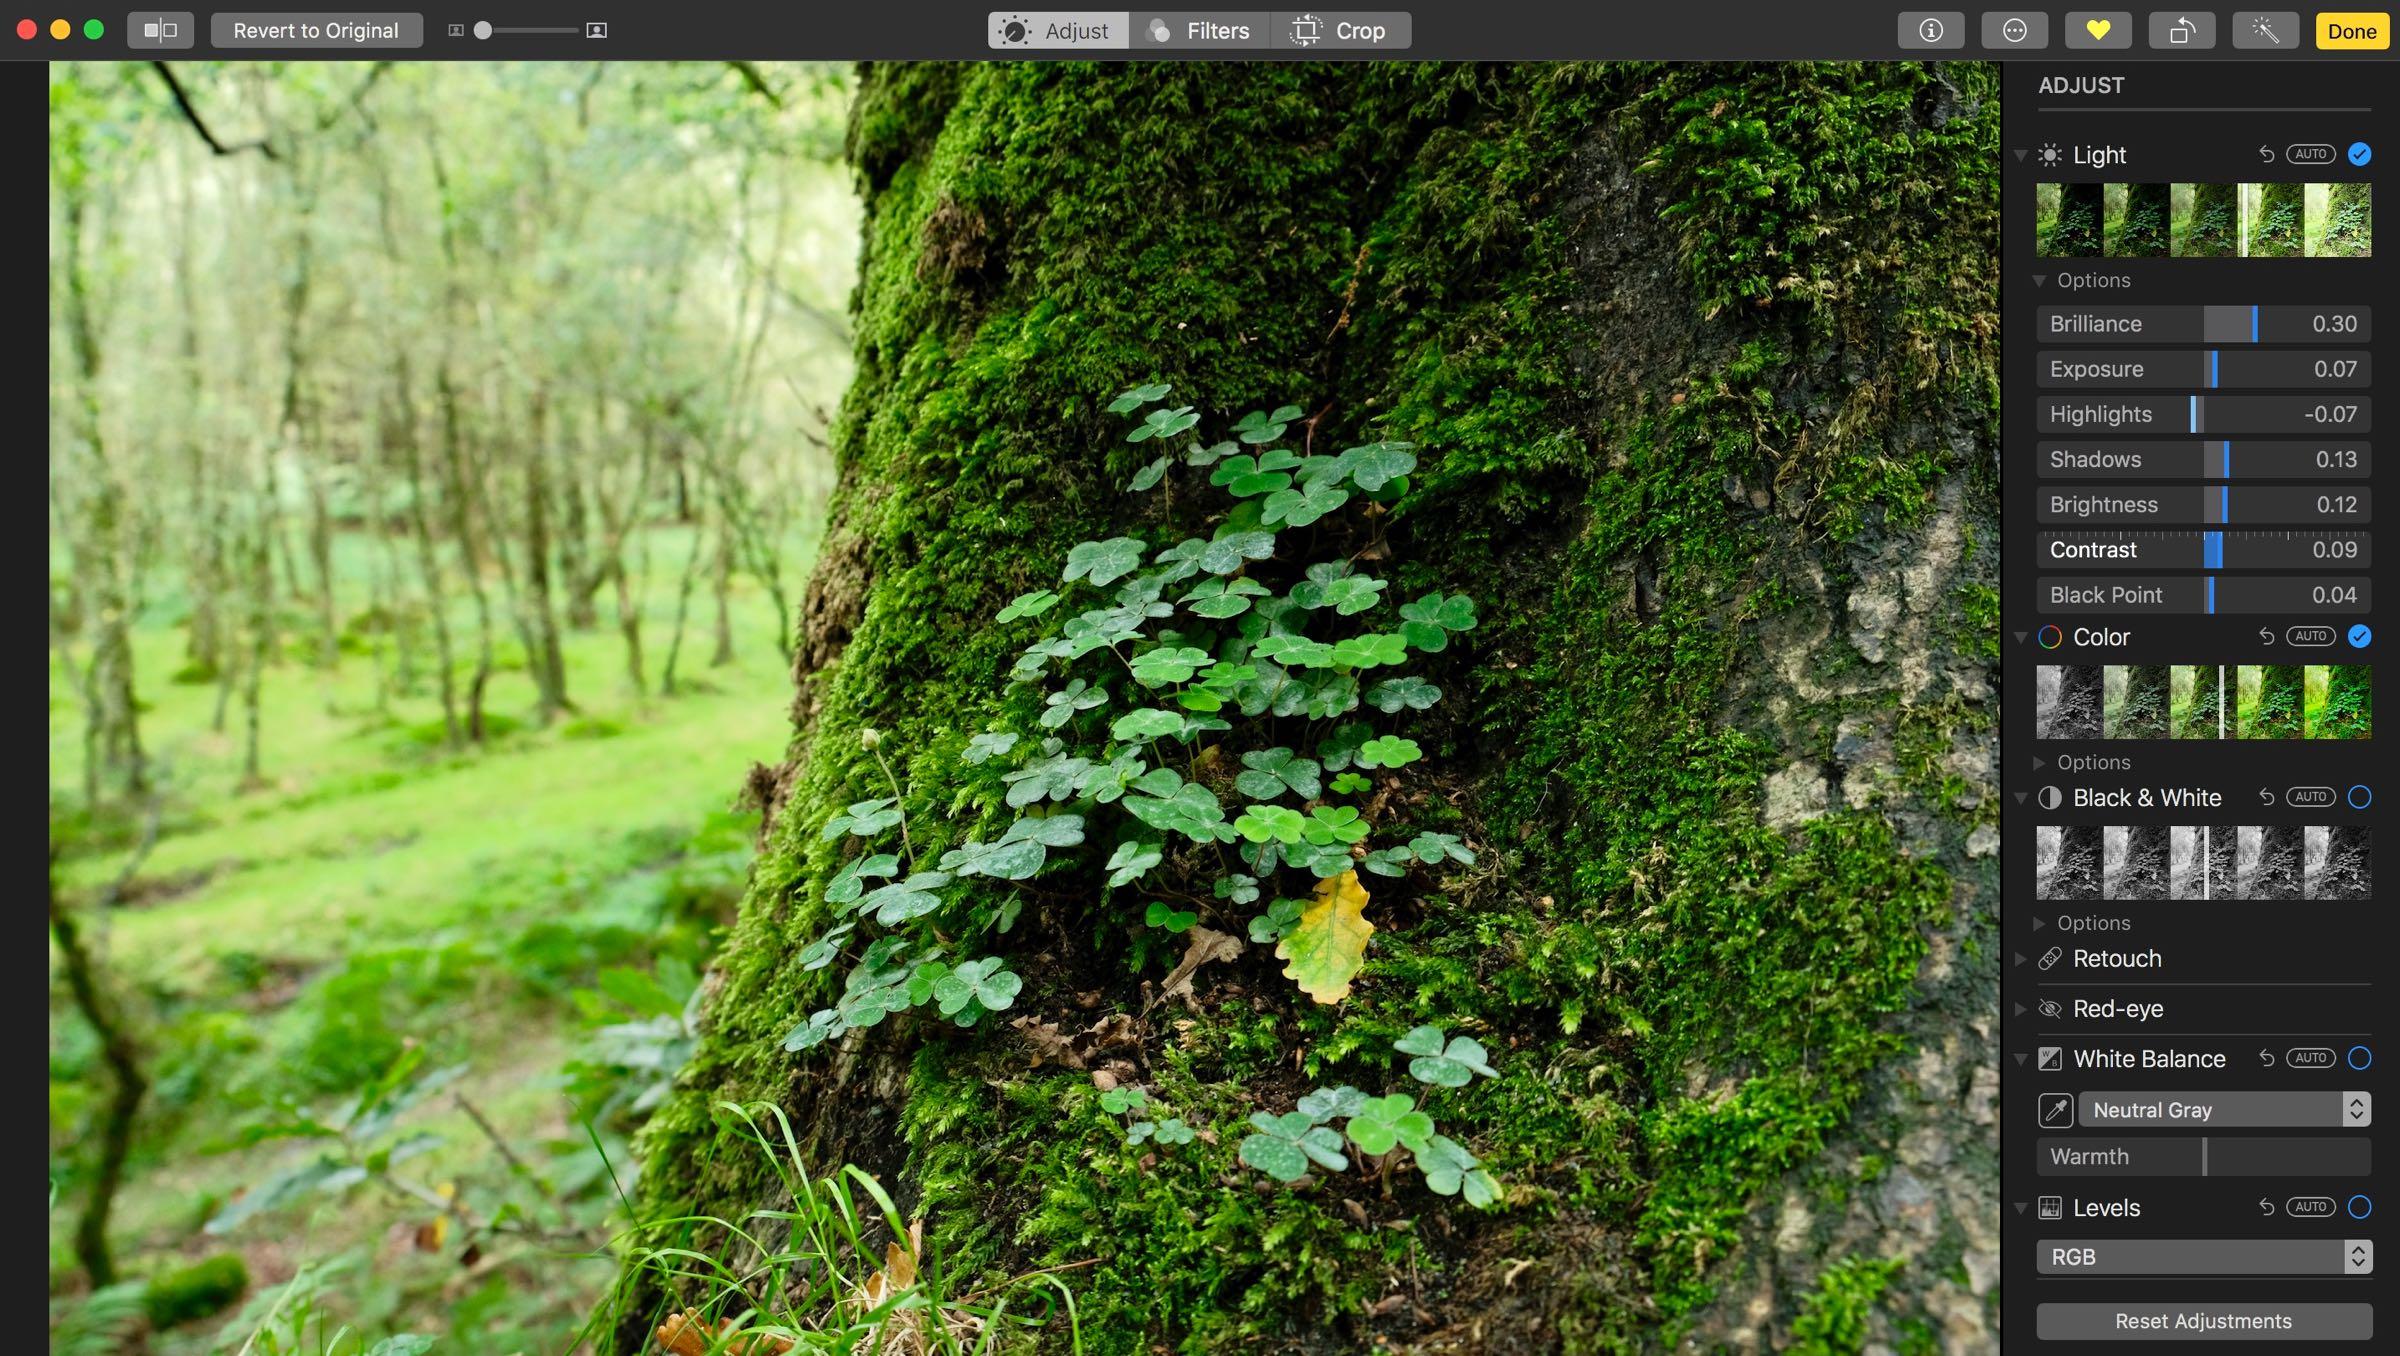 photos-edit.jpg